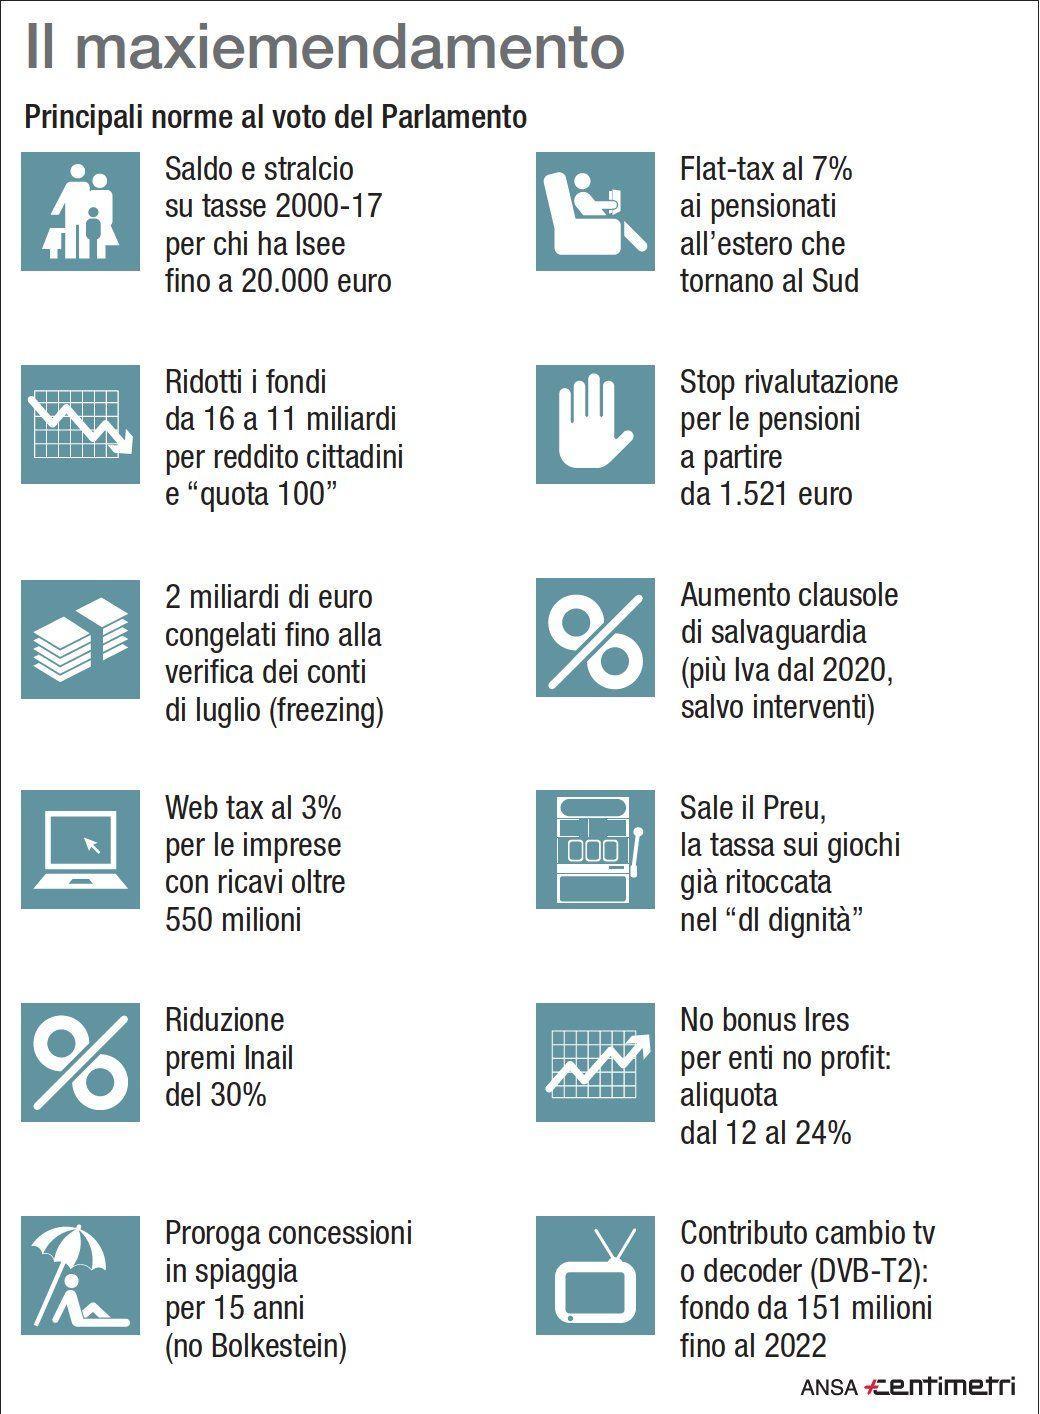 Web tax, meno premi Inail e pensioni: ecco le misure del maxiemendamento